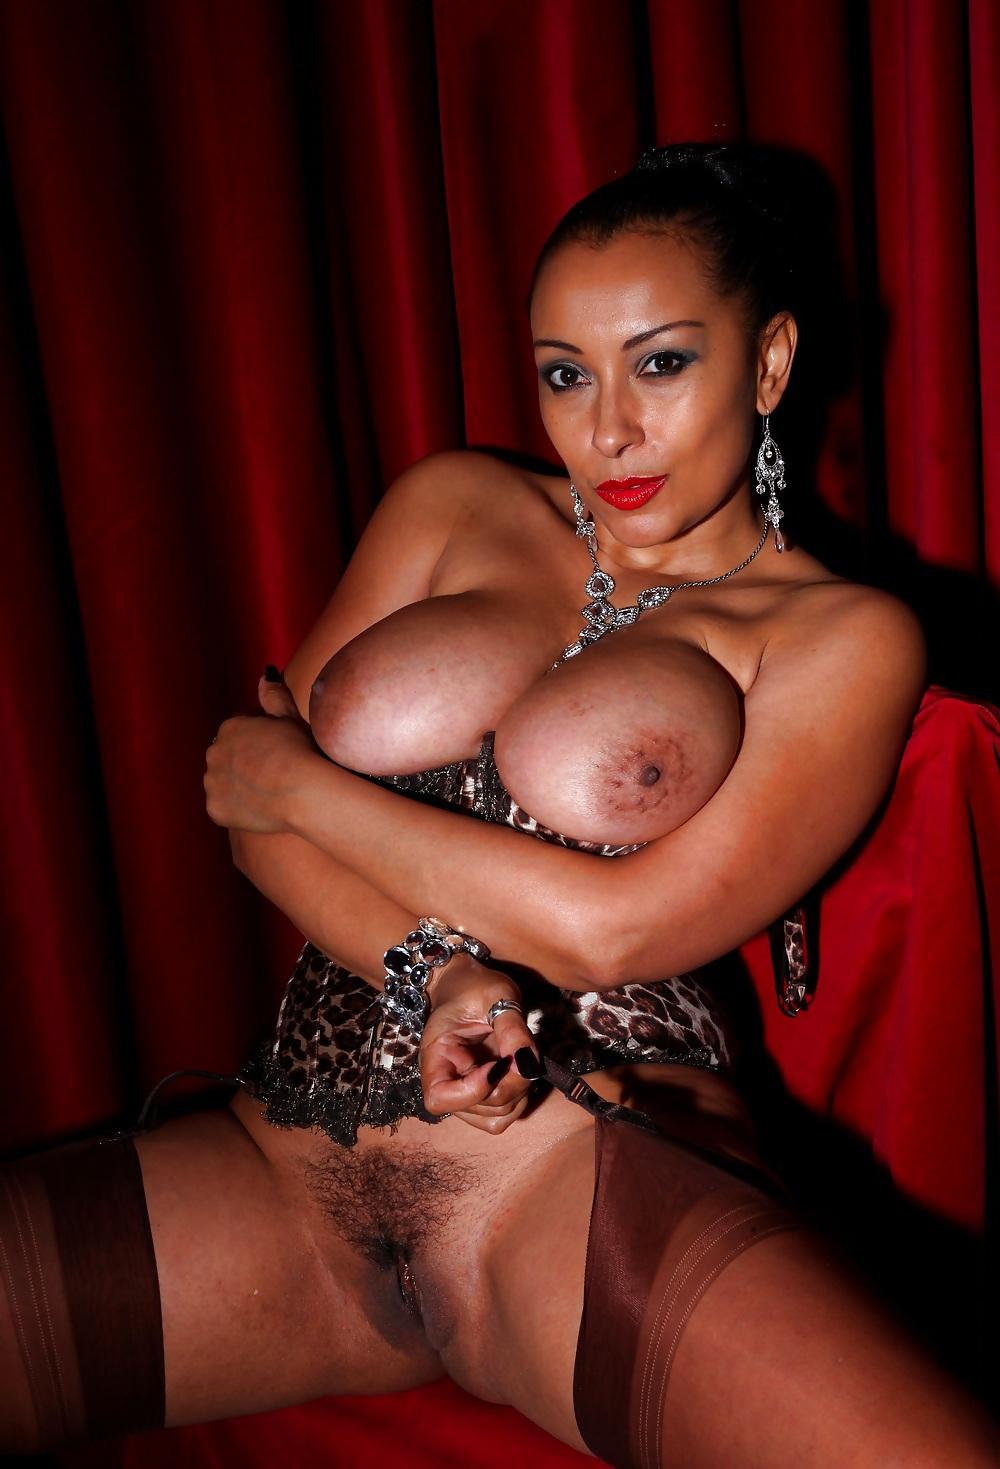 sexy hot big boobs pics